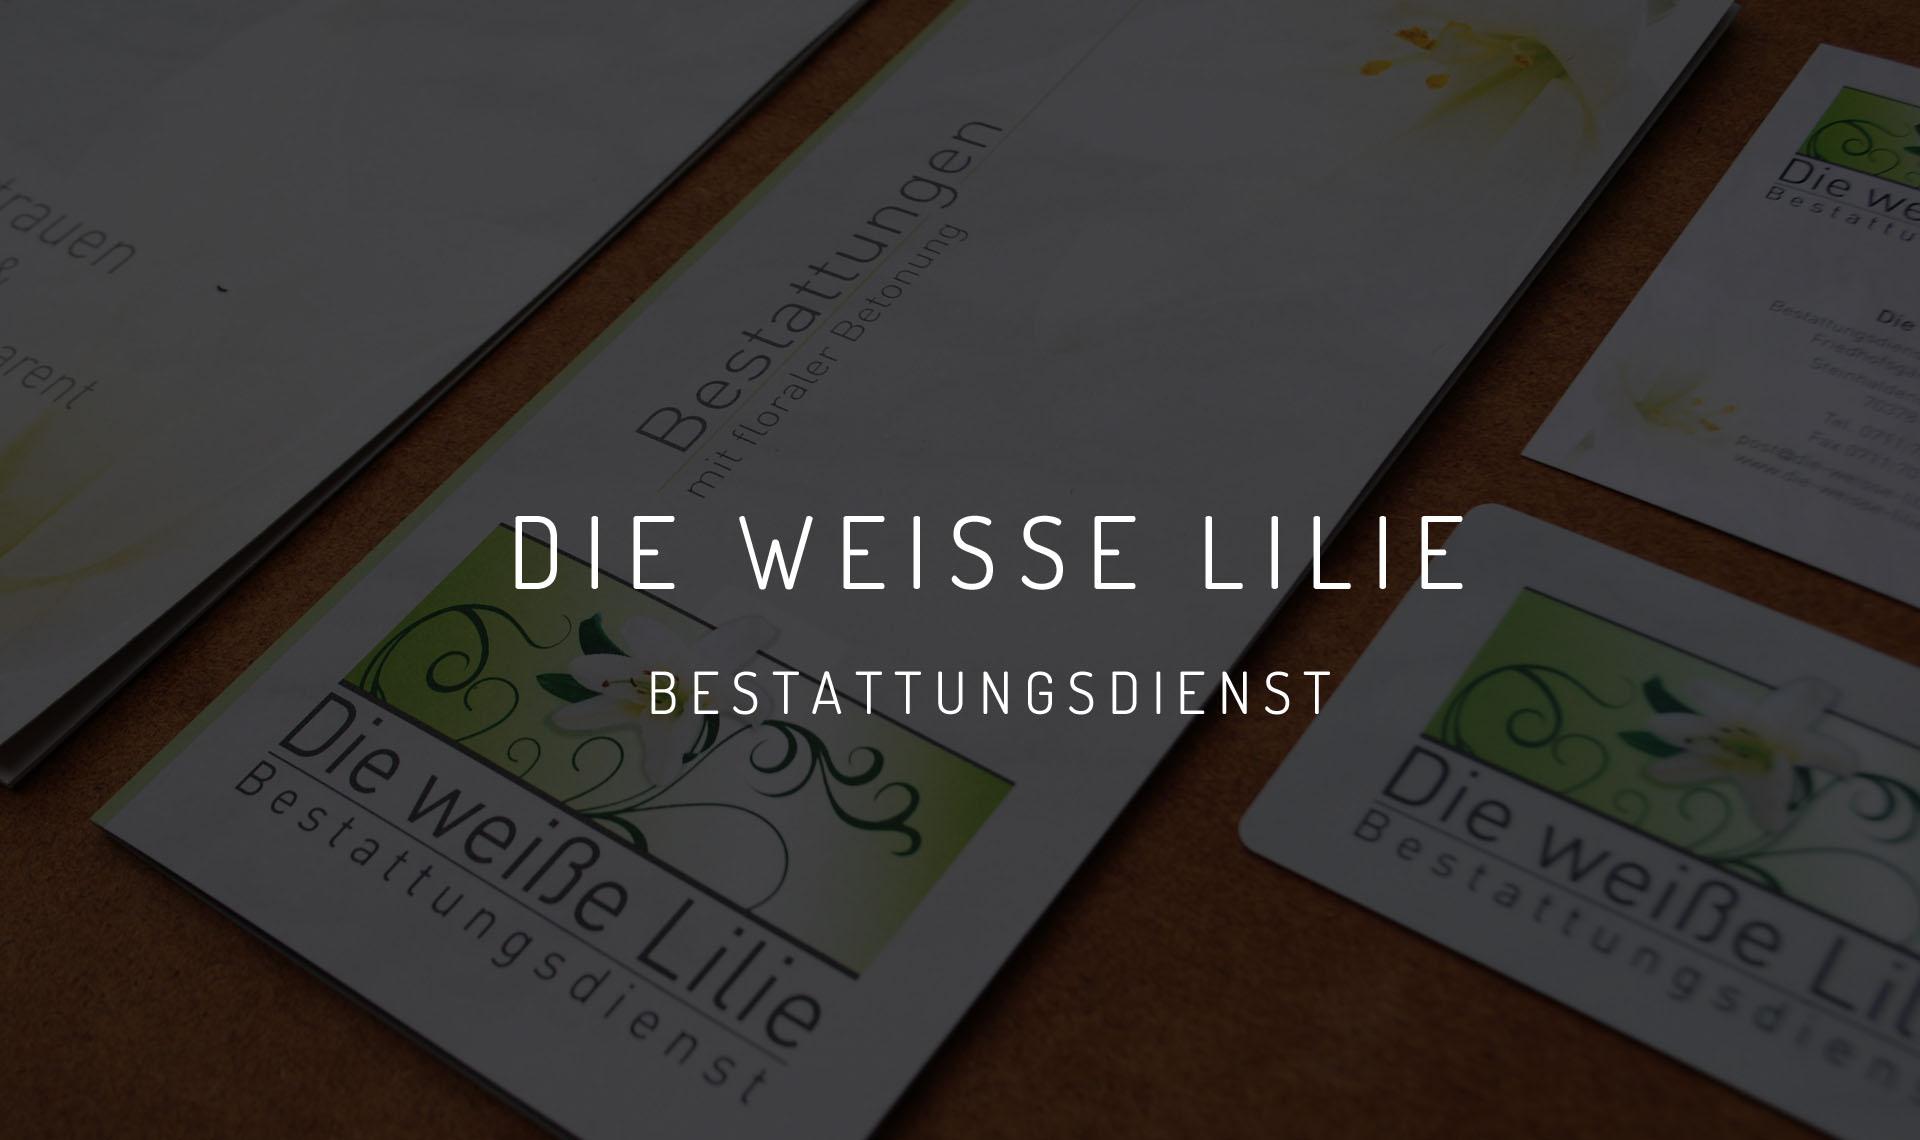 IKD-Mertz-Werbeagentur-Bietigheim-Biss-Lilie